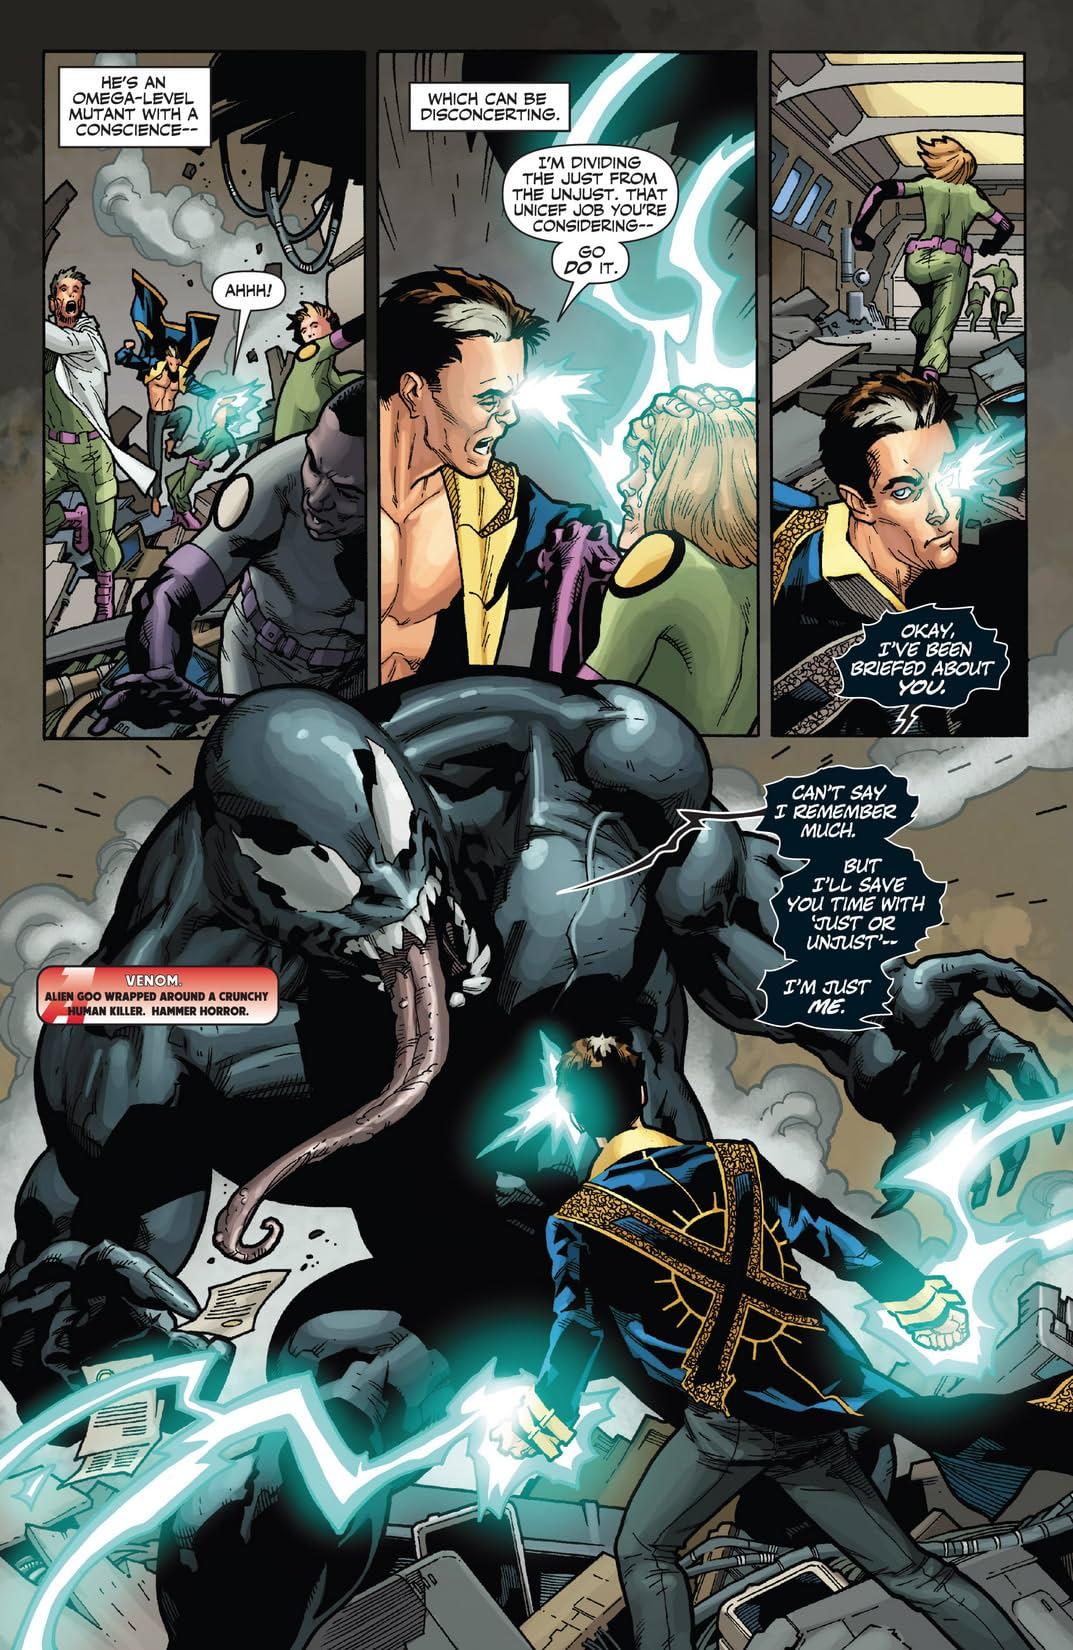 Dark X-Men (2009) #3 (of 5)